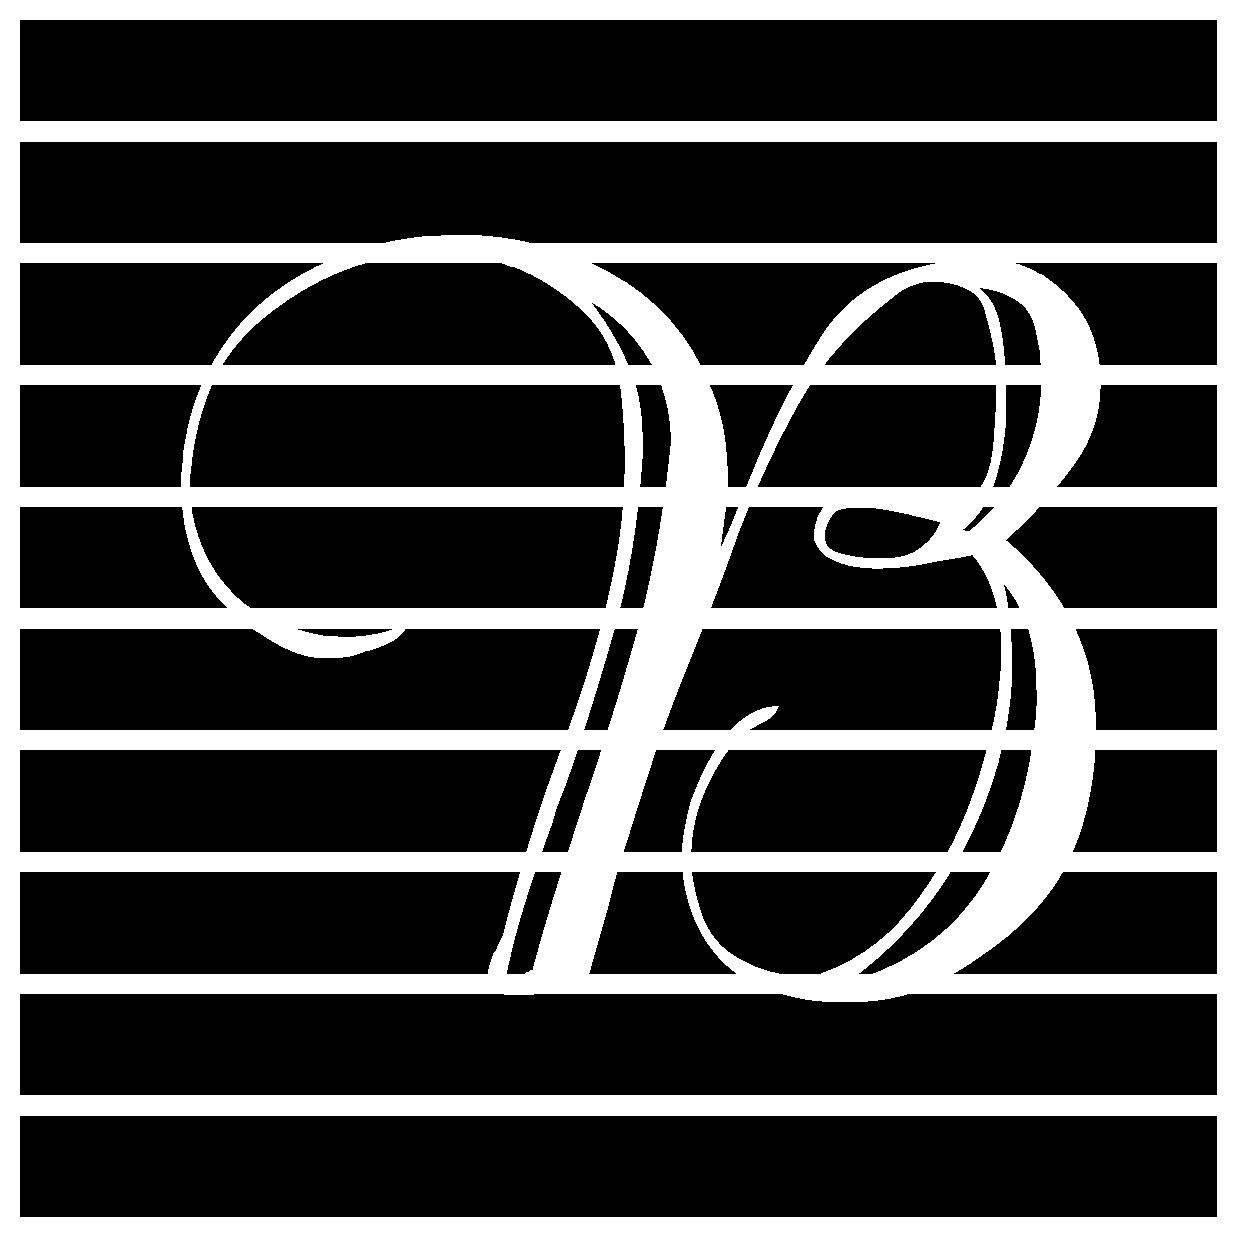 Burgeon Apparels (P) Ltd